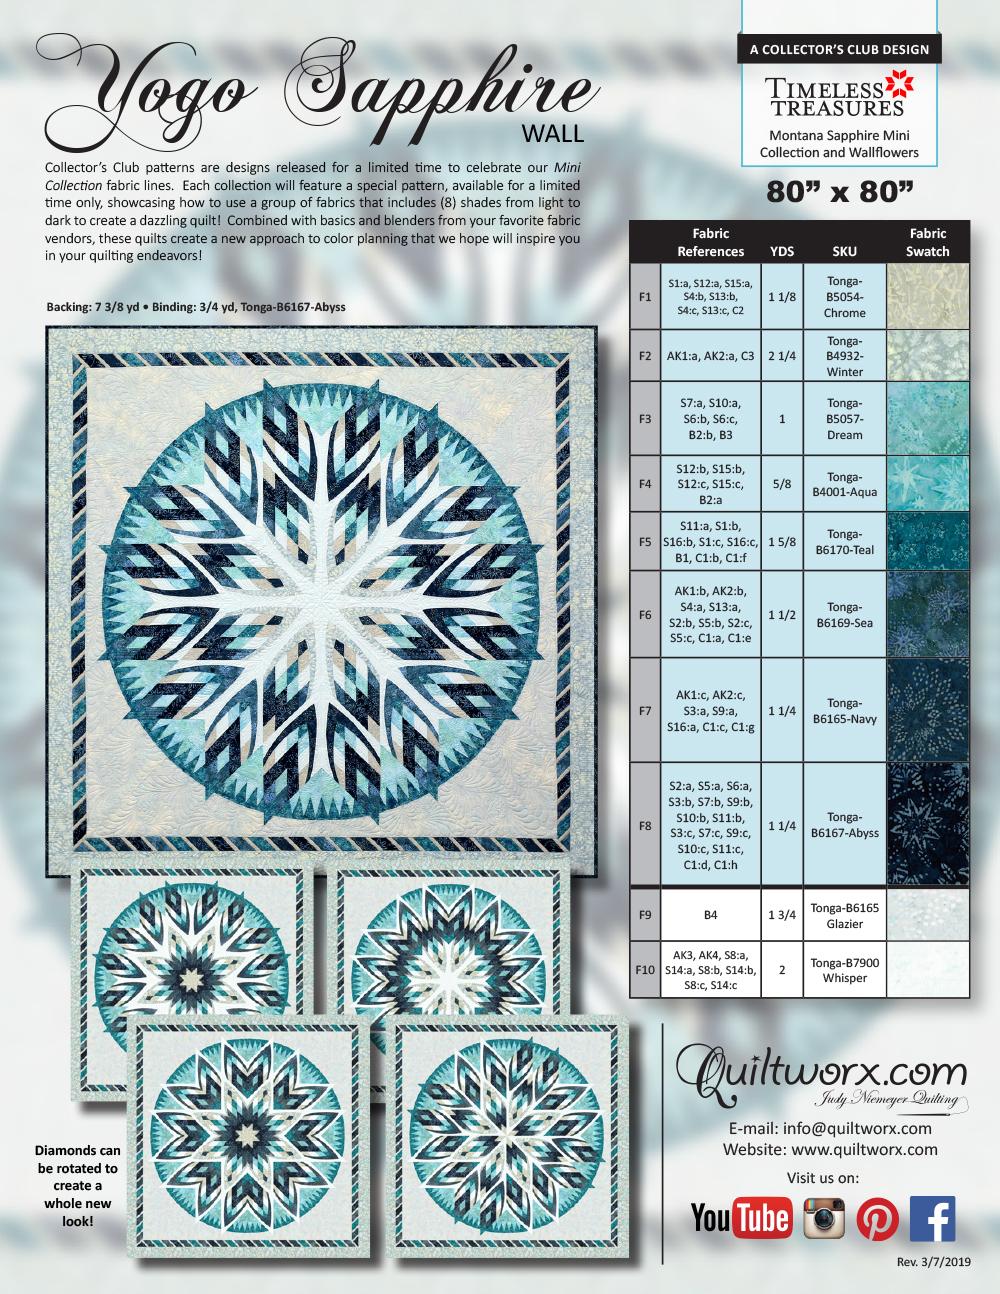 Yogo-Sapphire-Wall-1pg-KS 3-7-19